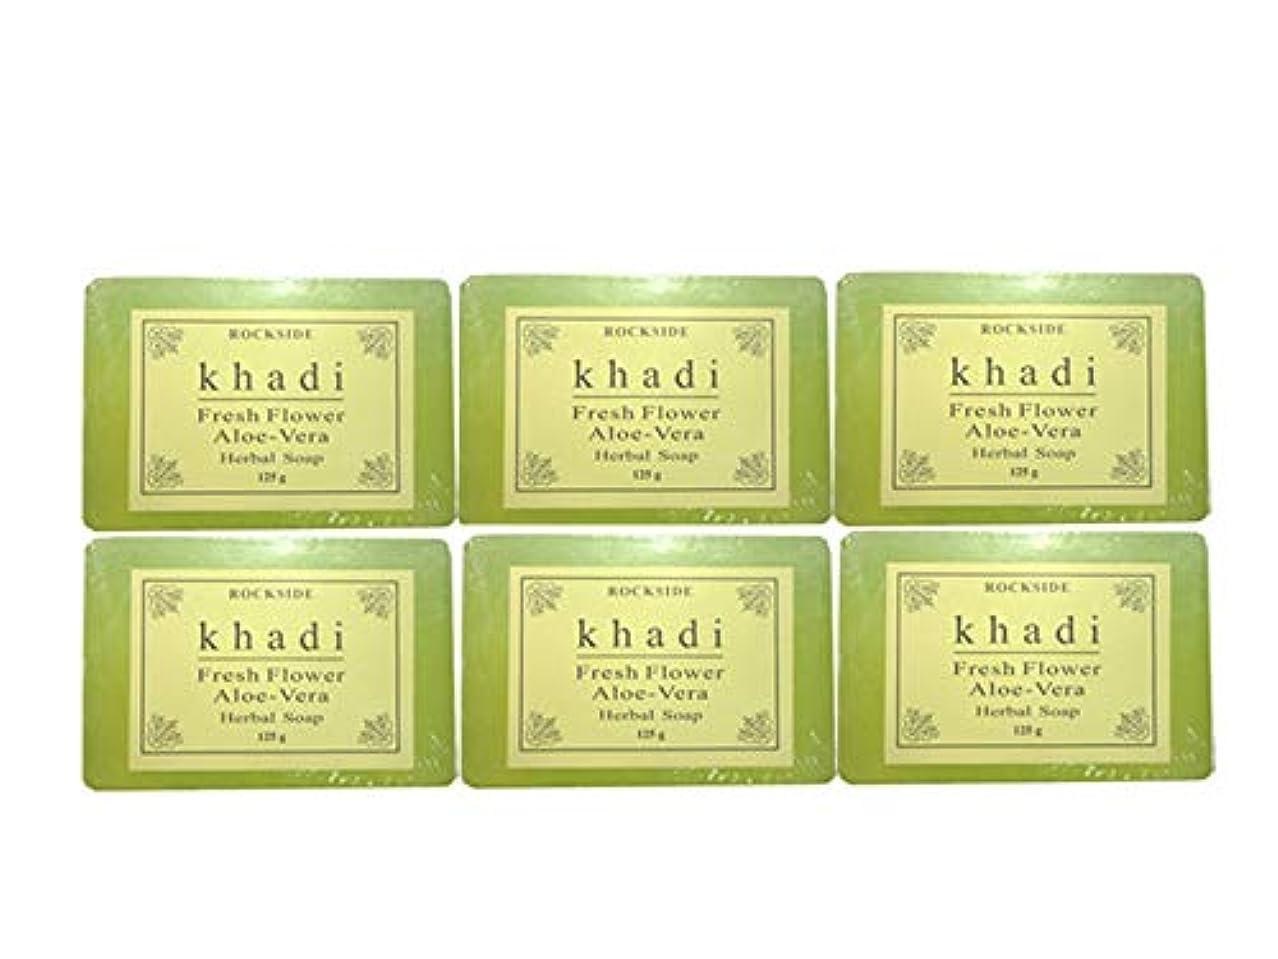 ビート牛肉ではごきげんよう手作り カーディ フレッシュフラワー2 ハーバルソープ Khadi Fresh Flower Aloe-Vera Herbal Soap 6個SET